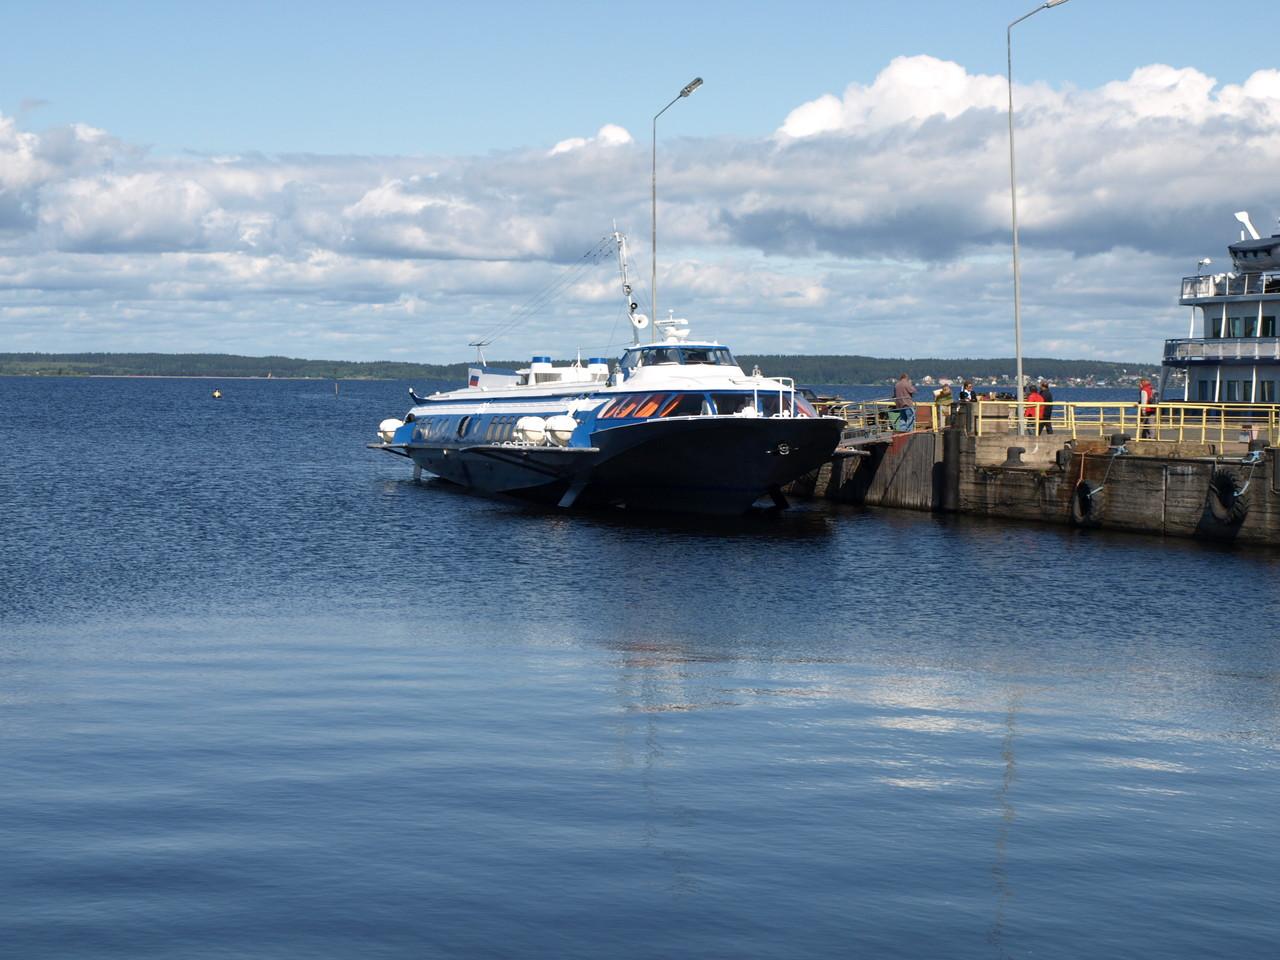 Mit dem Tragflügelboot gehts 68 km über den Onegasee